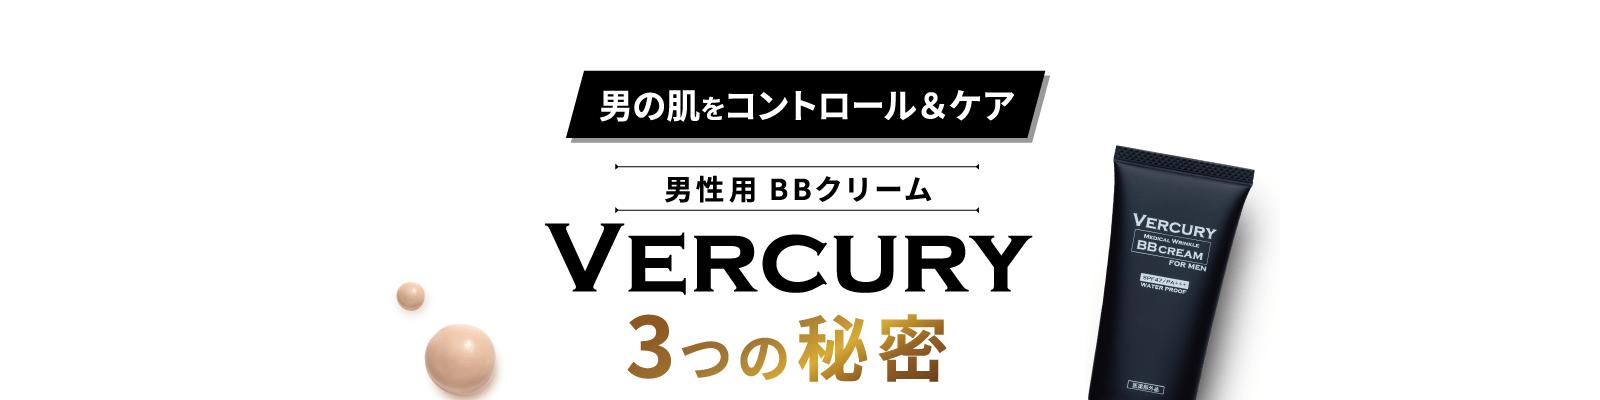 男の肌をコントロール&ケア 男性用 BBクリーム VERCURY 3つの秘密